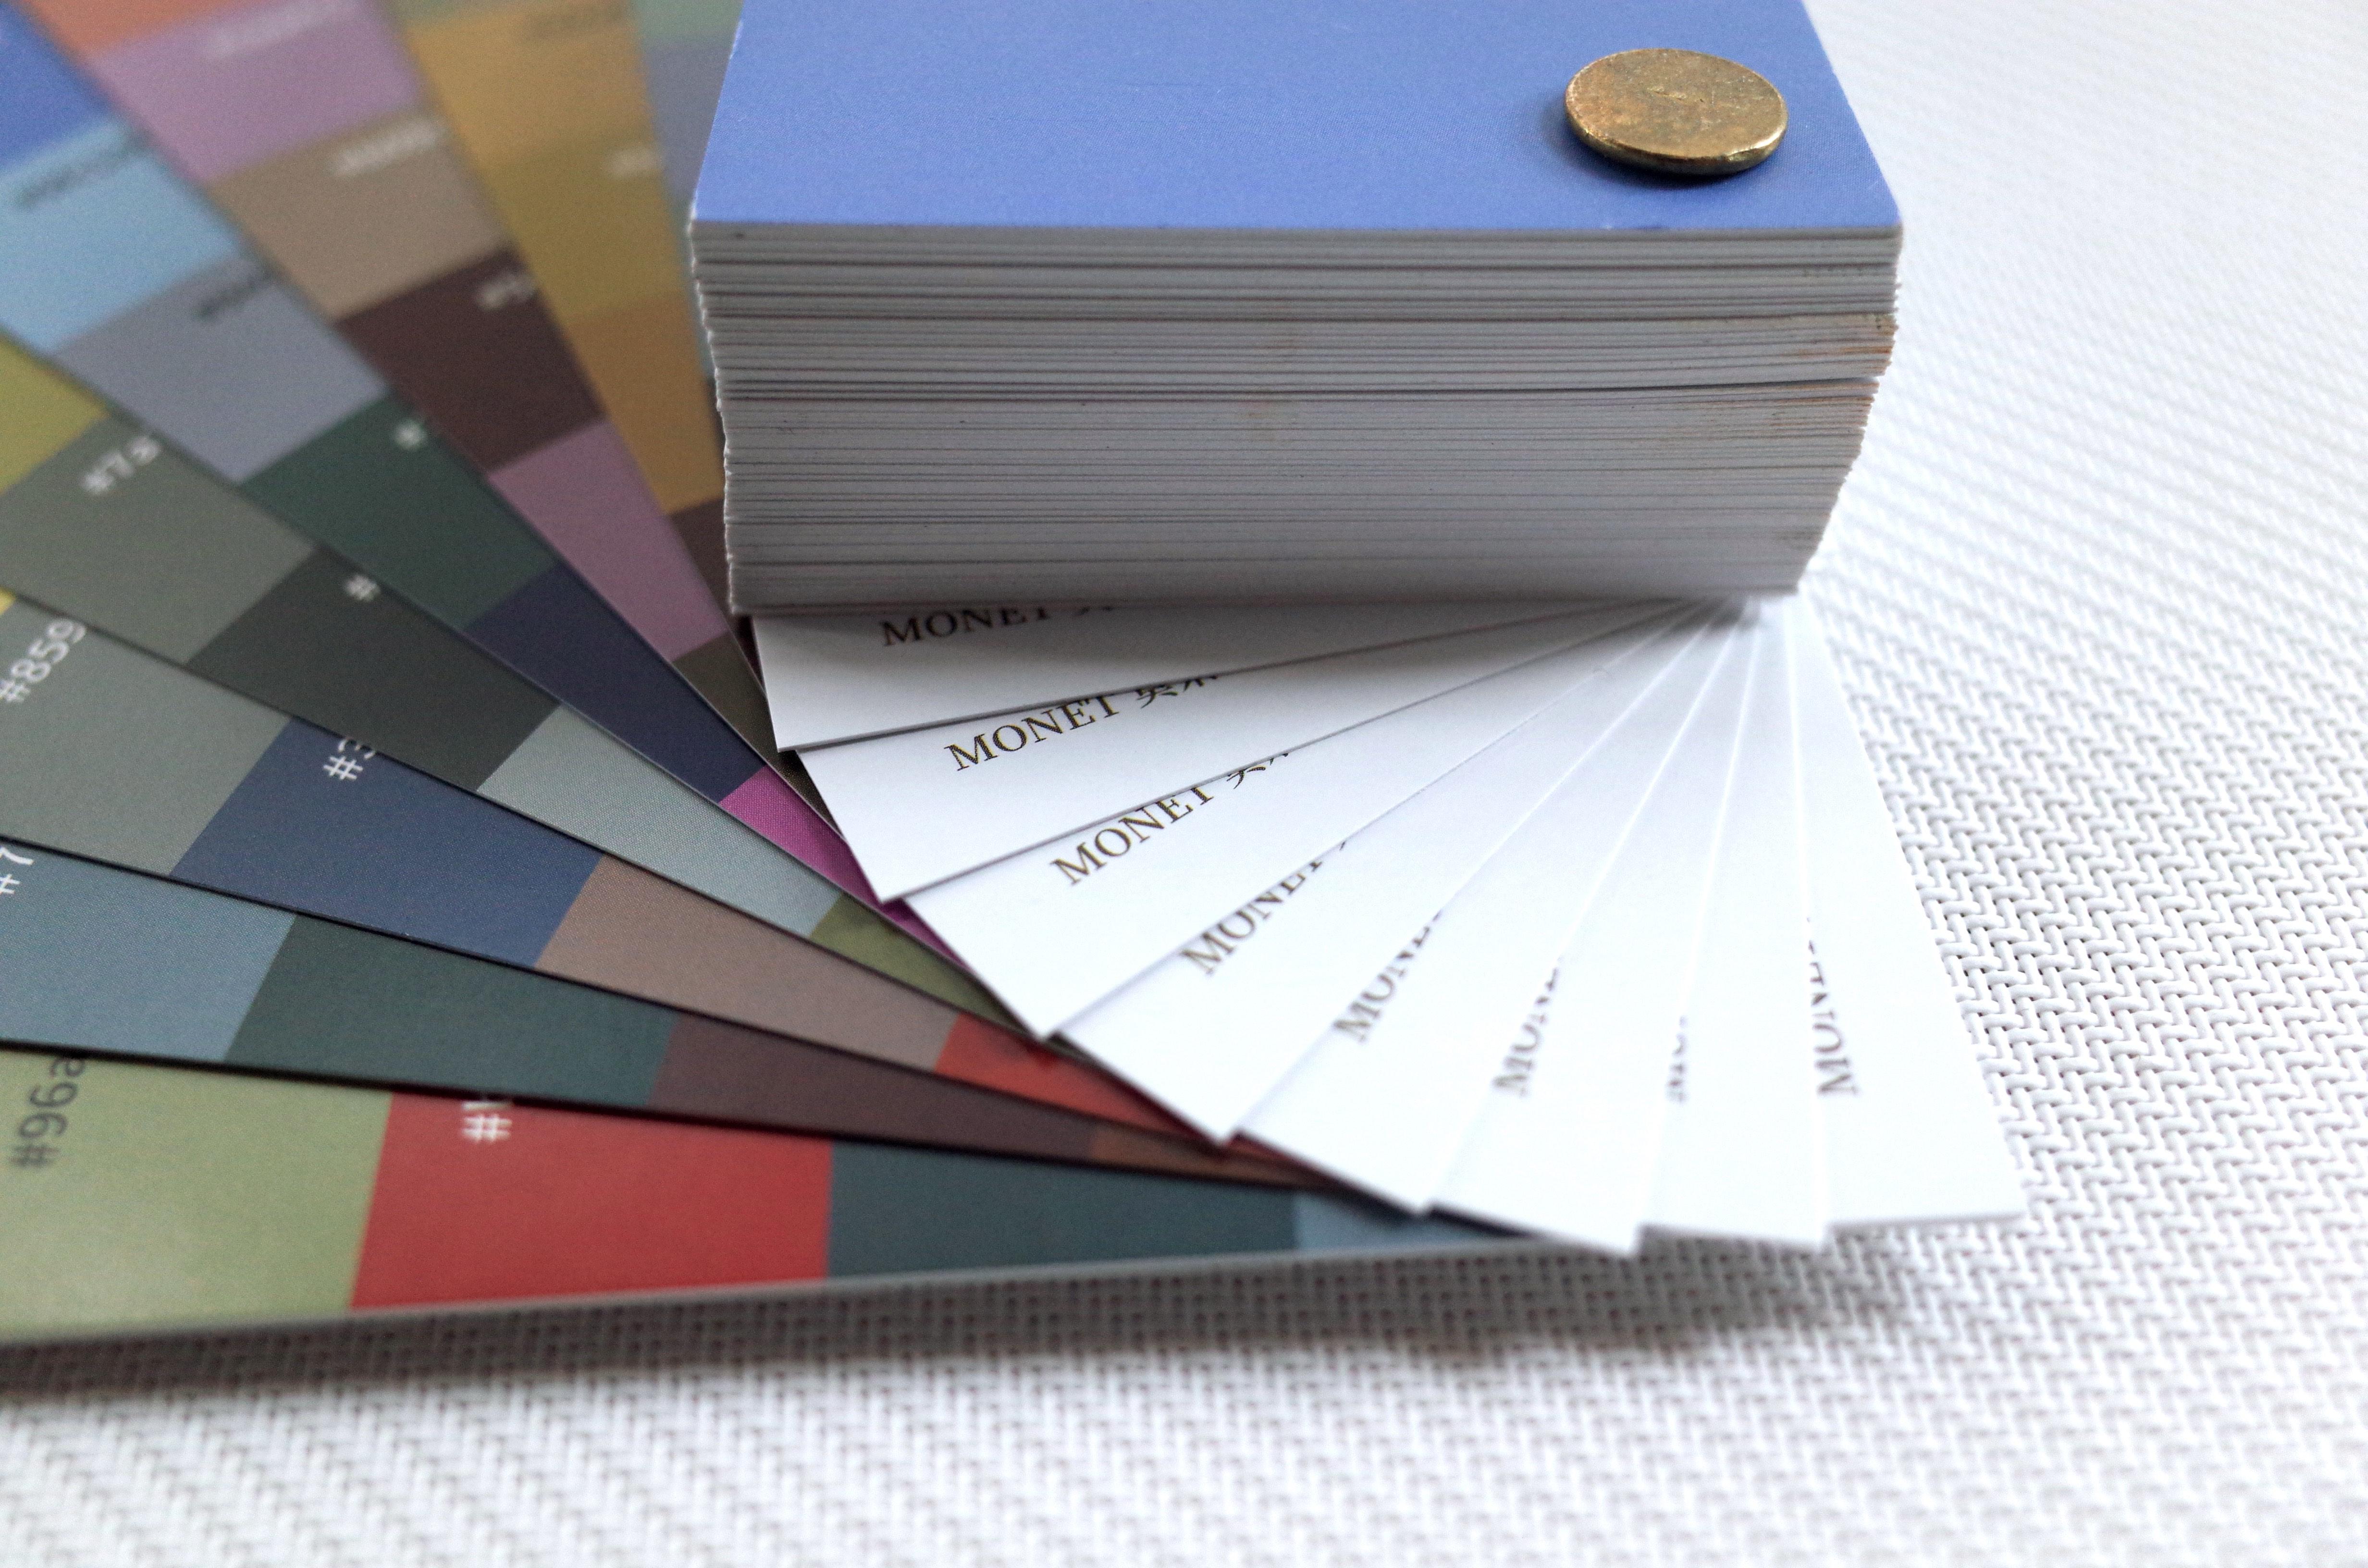 Monet's Color Palettes